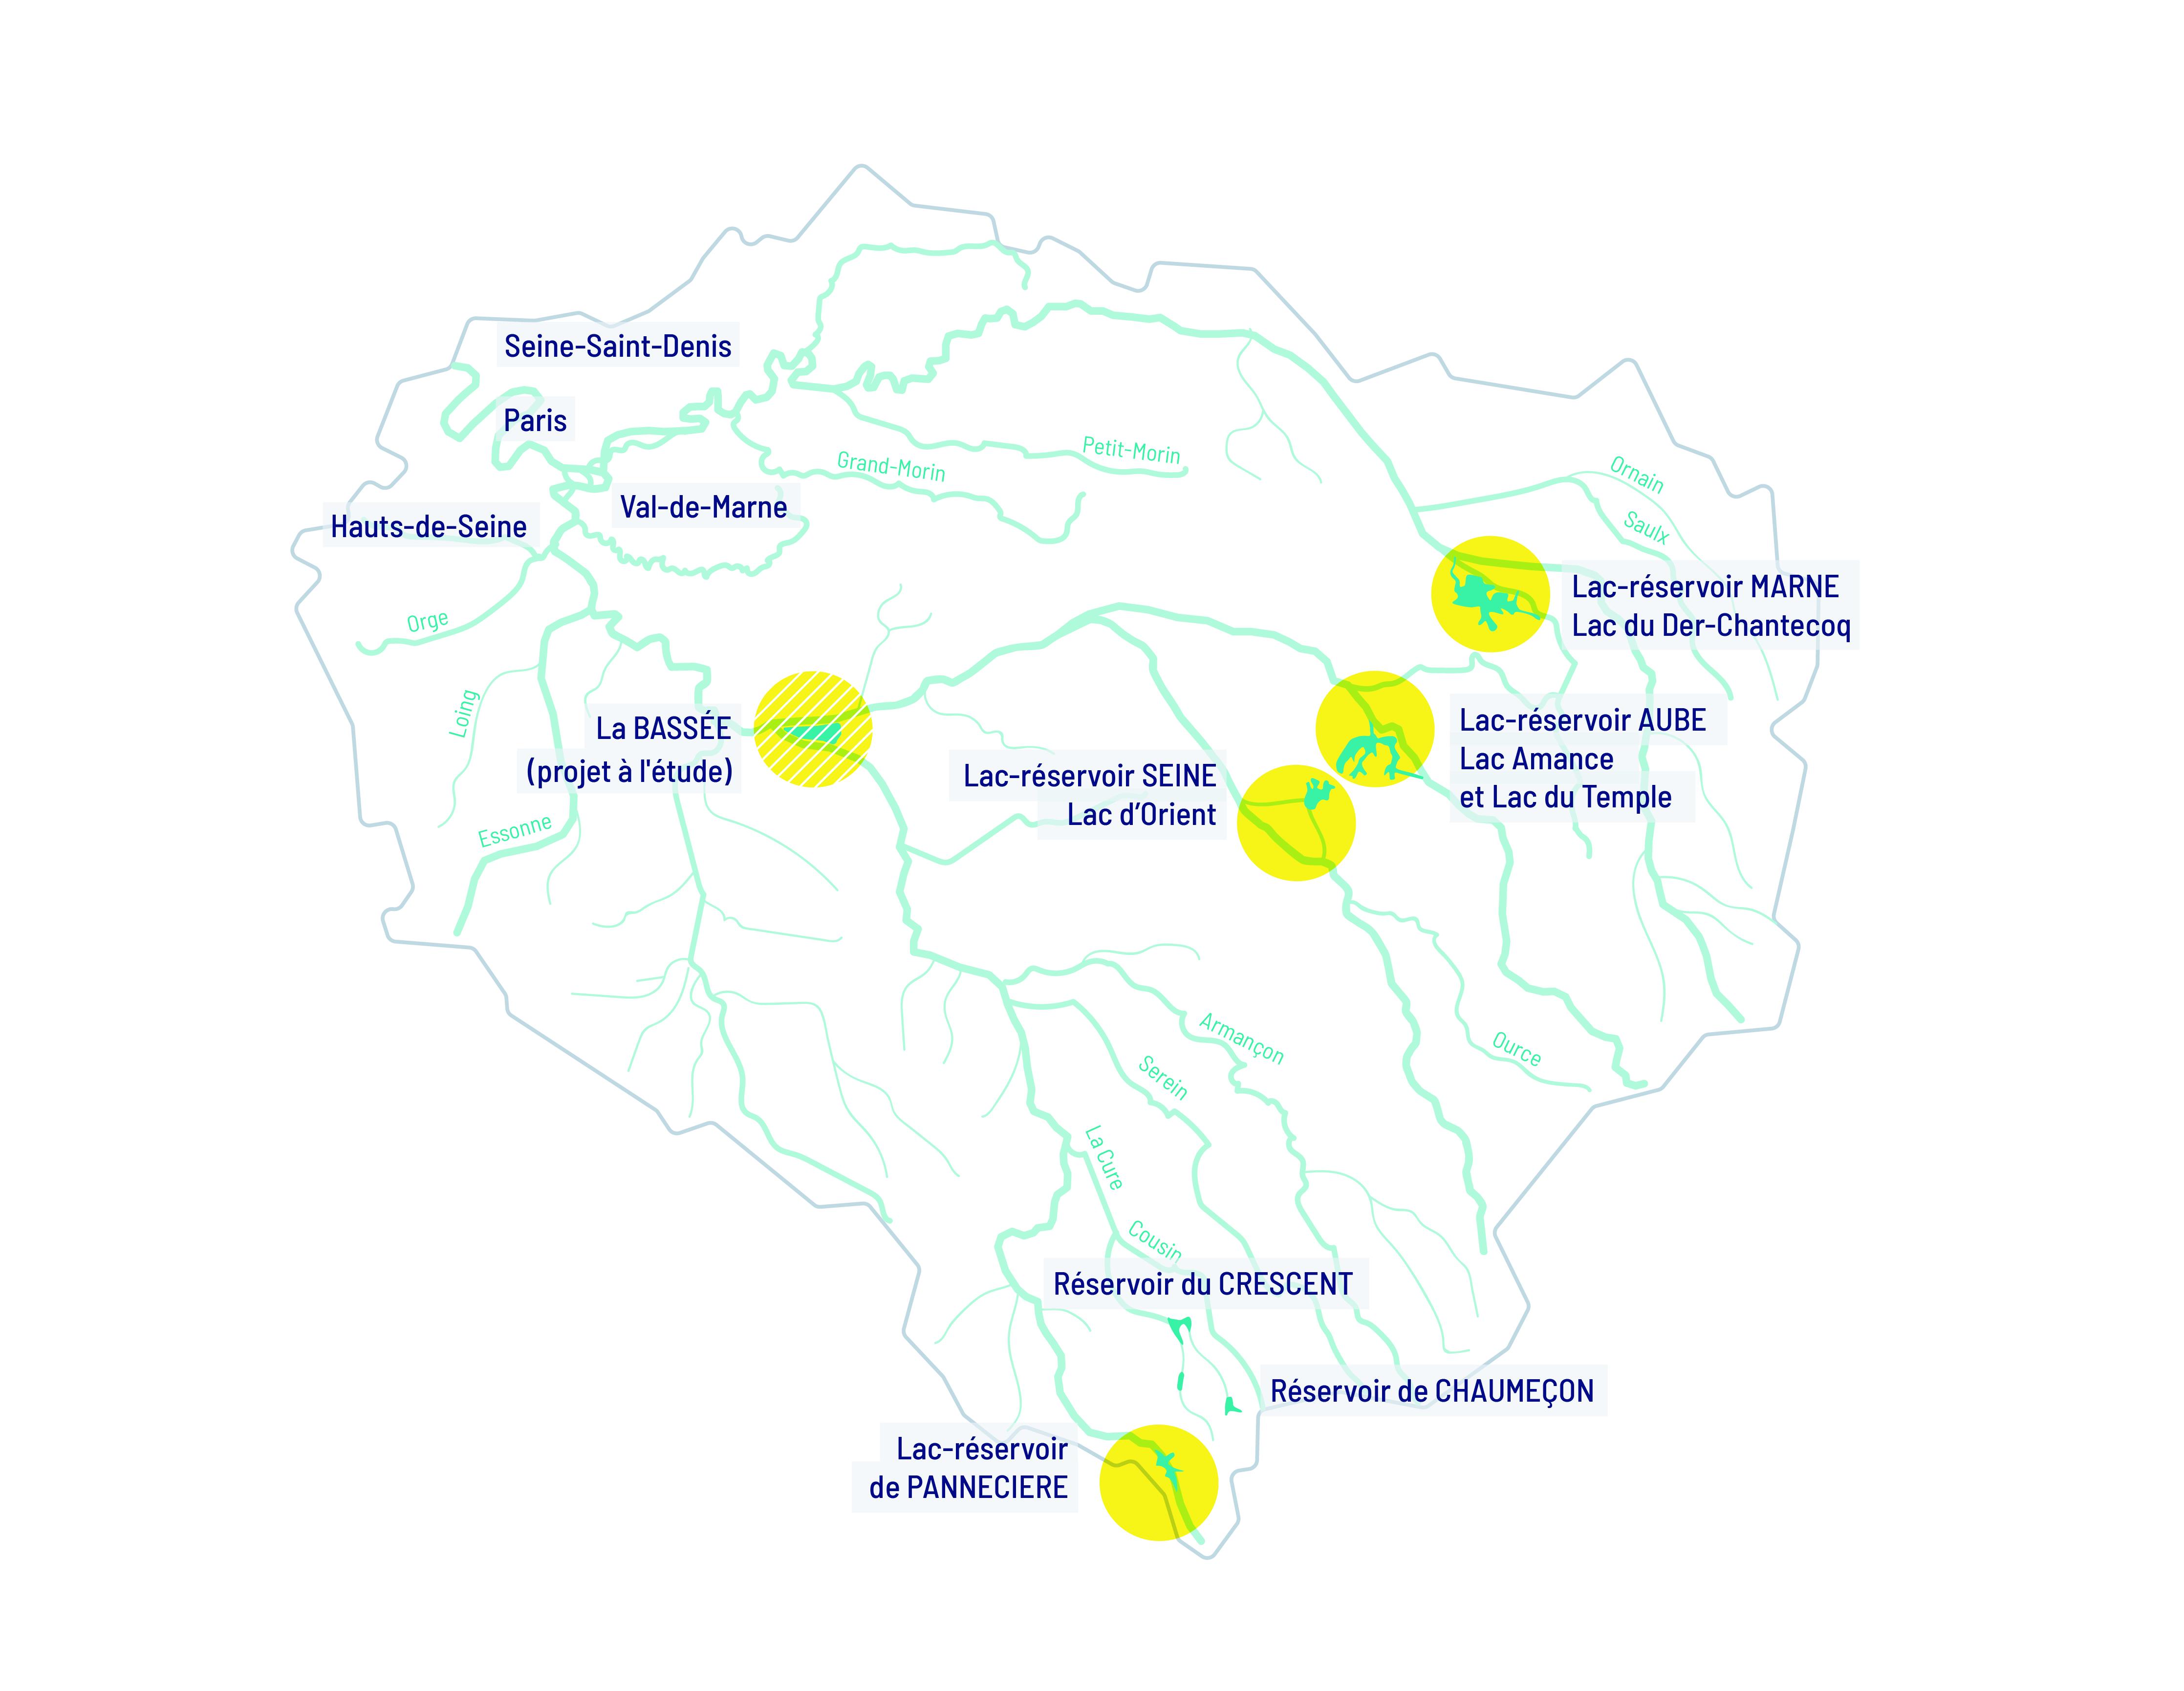 : localisation des 4 lacs-réservoirs de l'EPTB Seine Grands Lacs et du projet de la Bassée